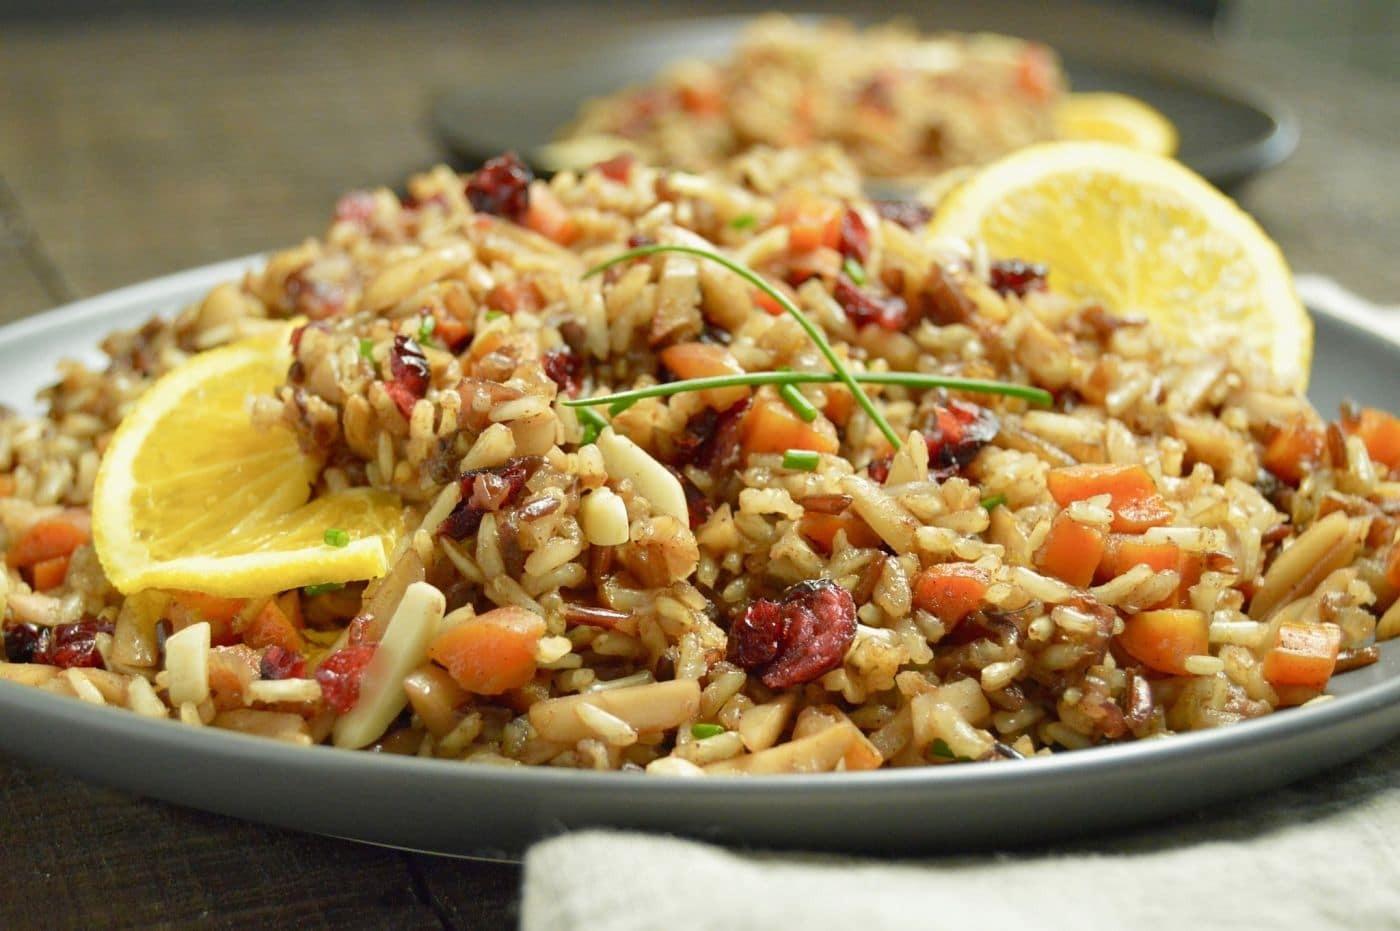 طرز تهیه پلو مراکشی رستورانی؛ پلو خوشمزه متناسب با ذائقه ایرانیها